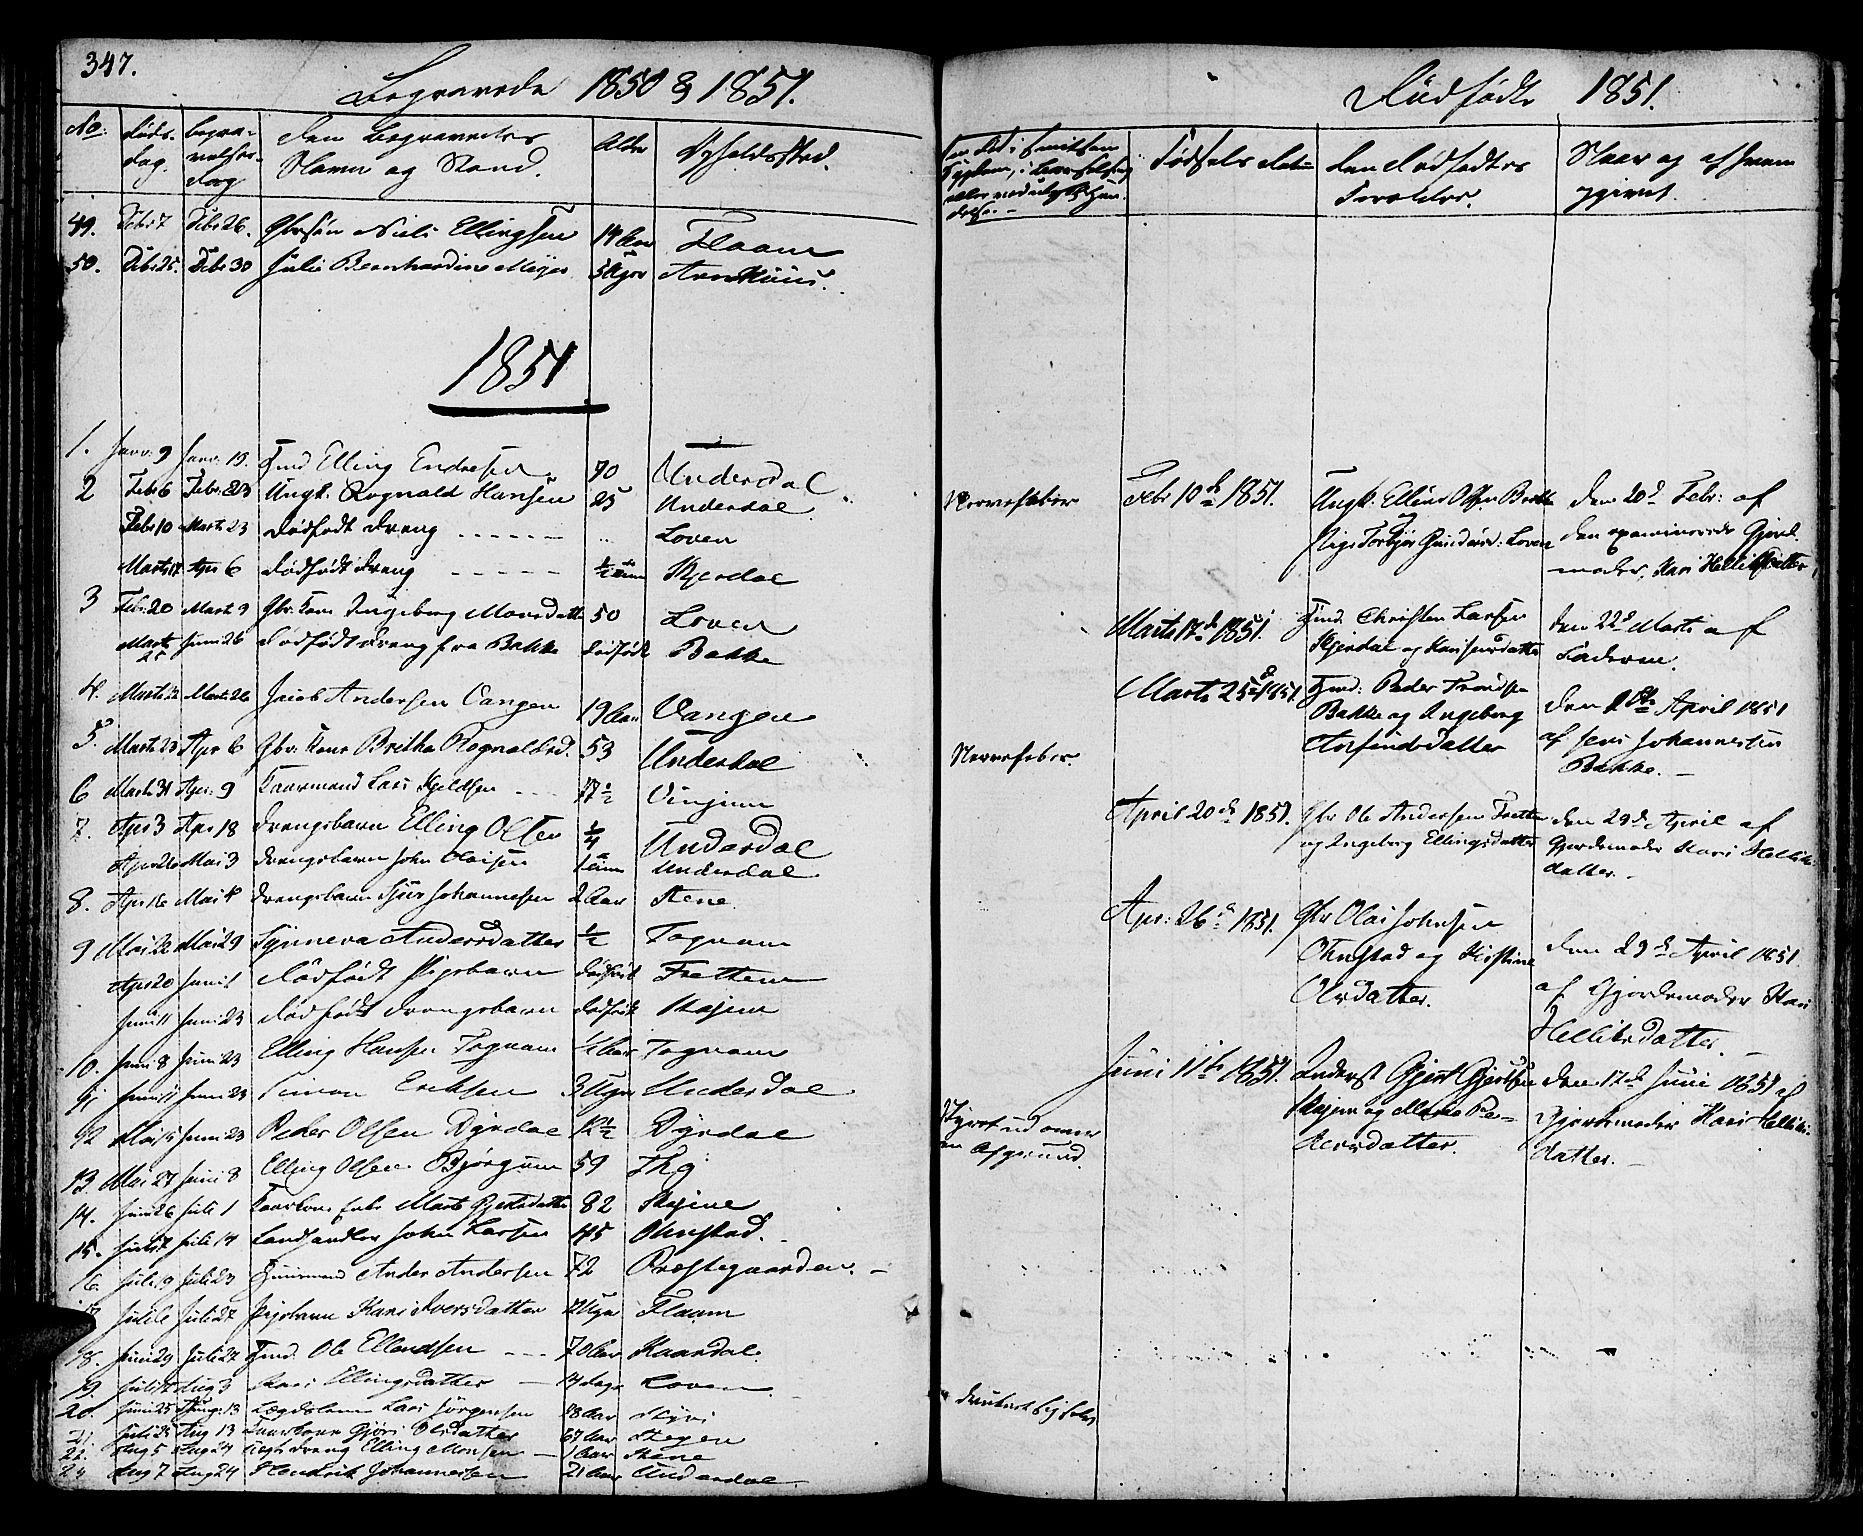 SAB, Aurland Sokneprestembete*, Ministerialbok nr. A 6, 1821-1859, s. 347